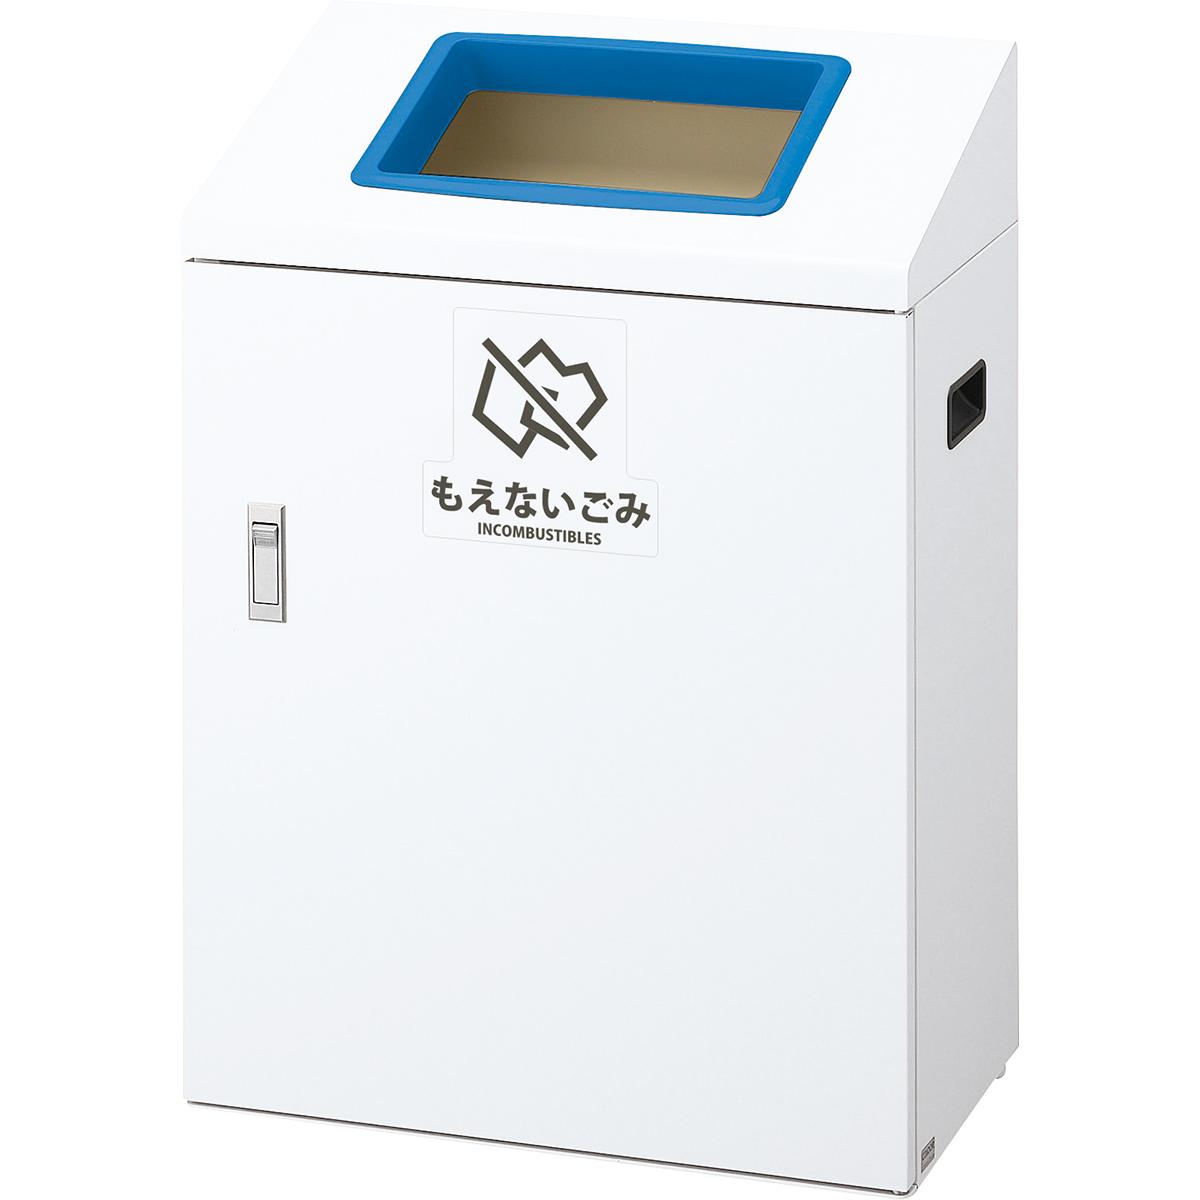 山崎産業 リサイクルボックス YI-50 50L もえないゴミ/BL(青) (代引不可) YW-427L-ID